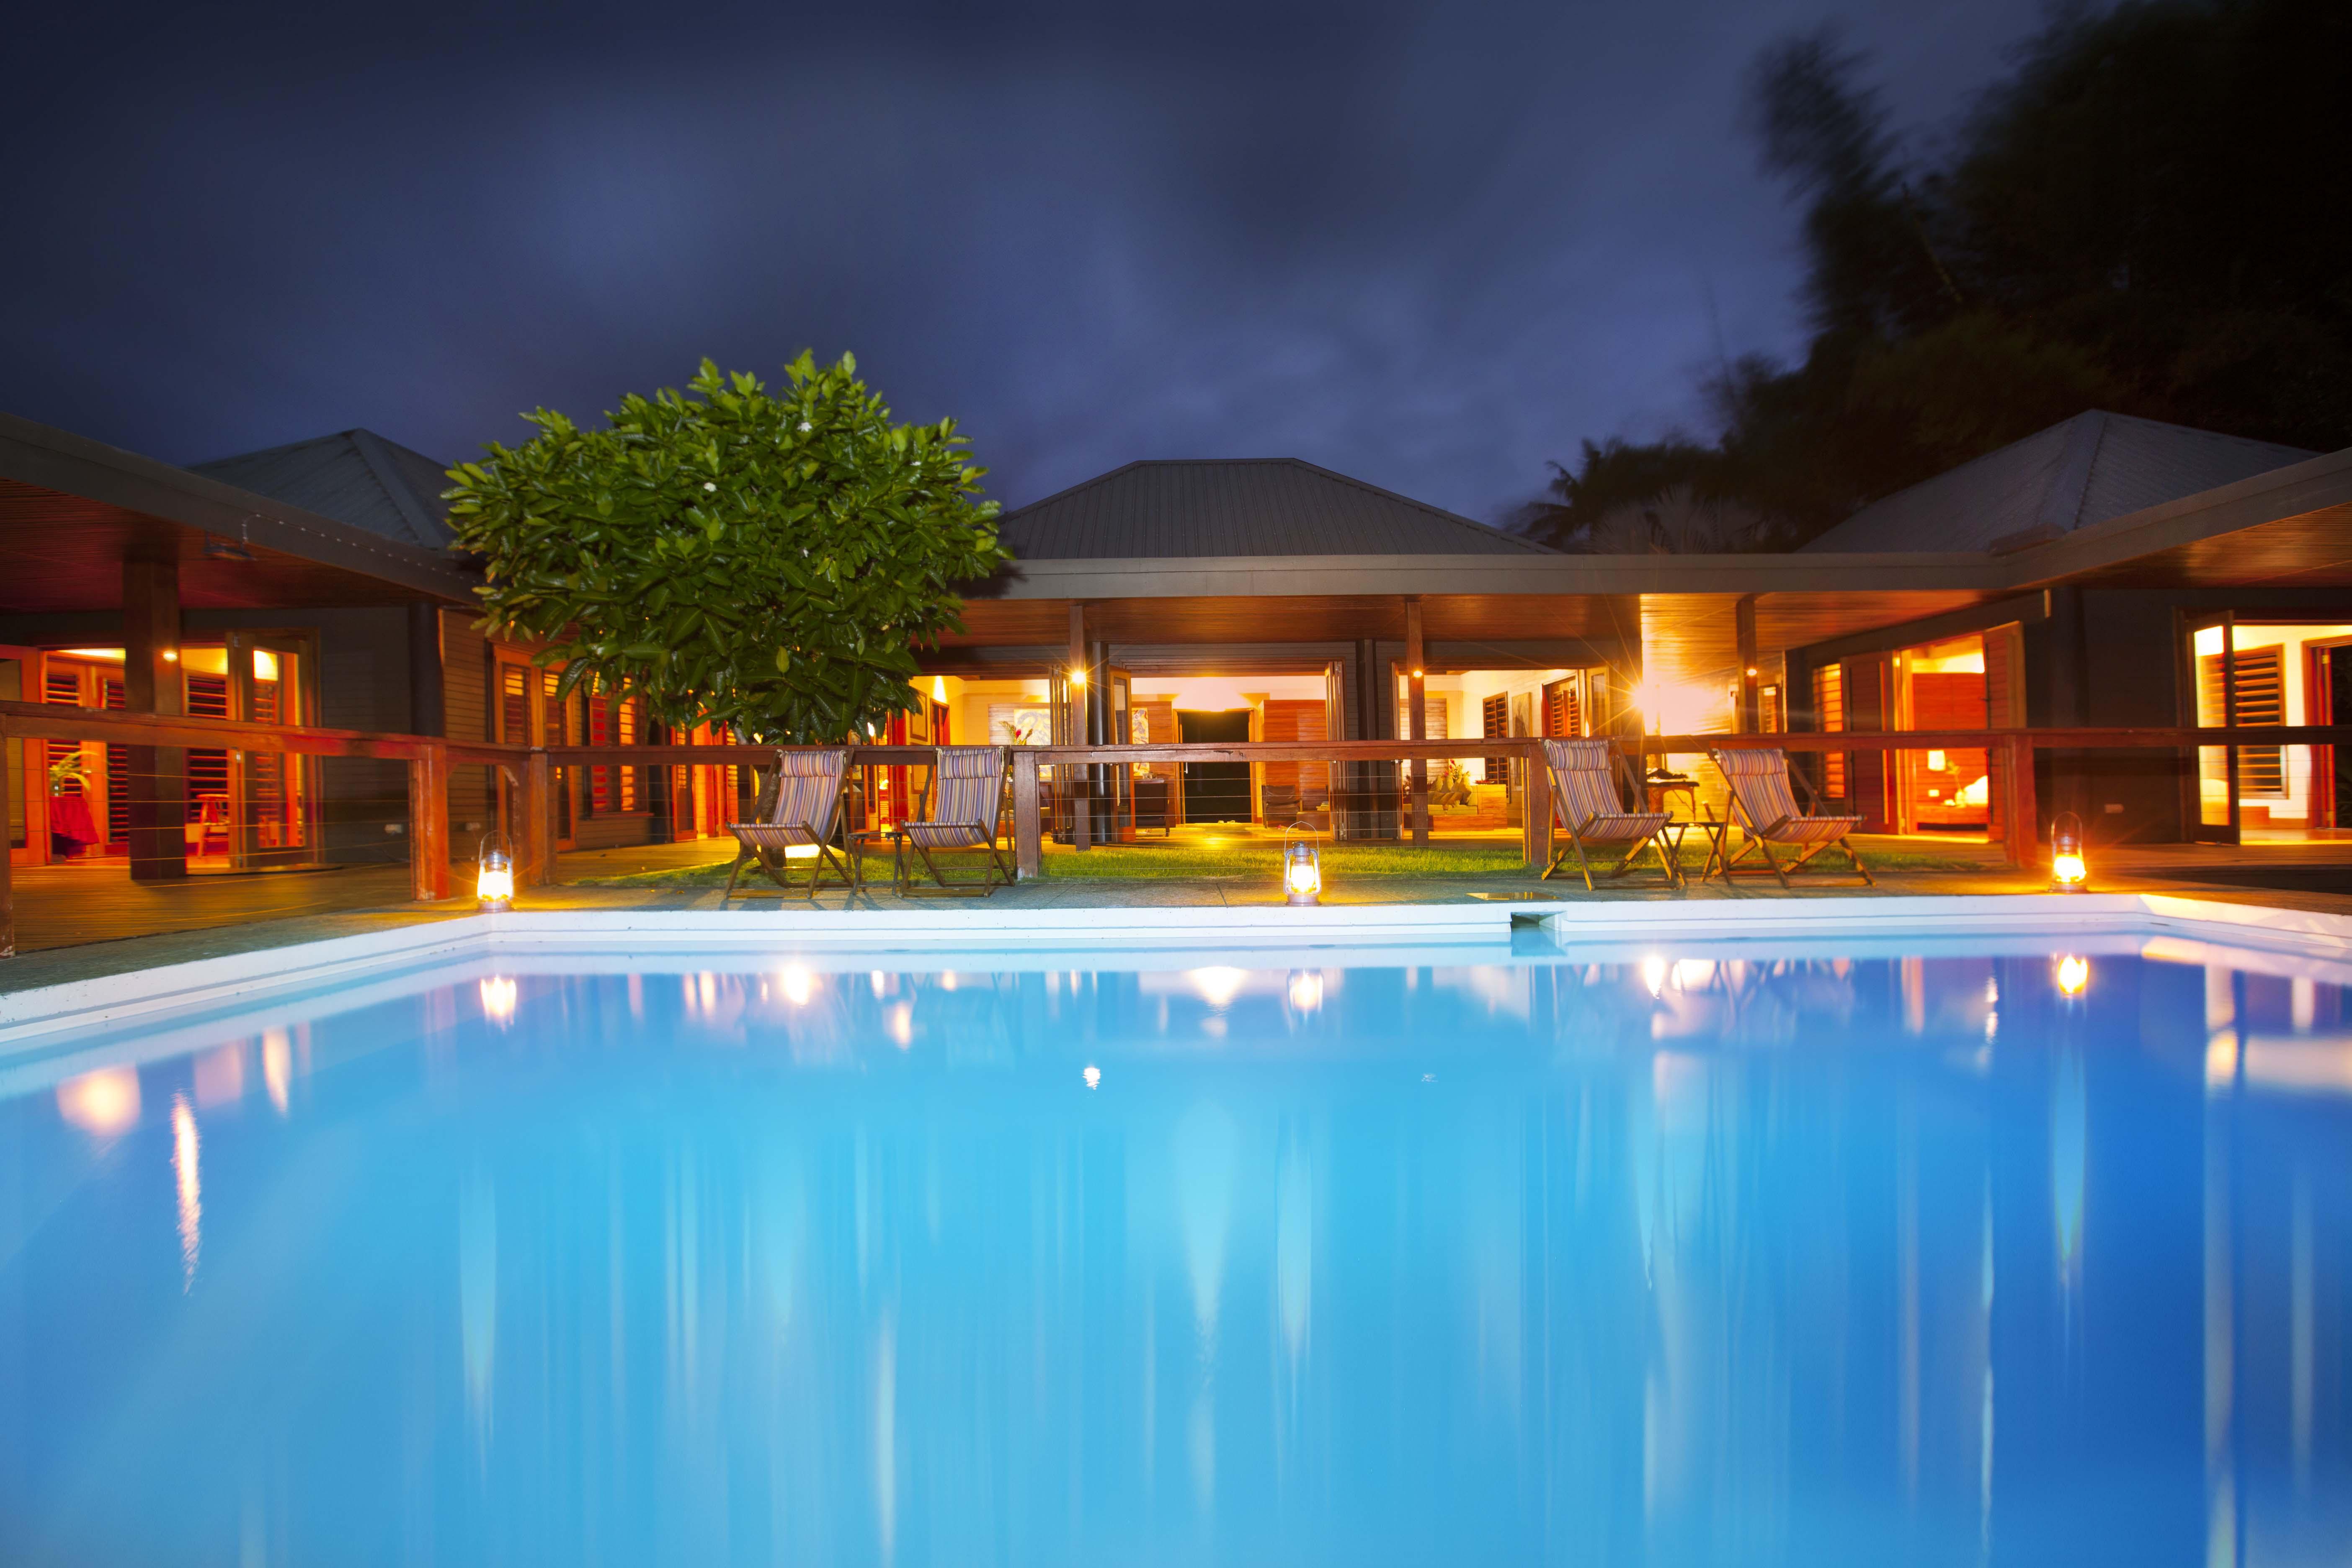 tavola villa fiji infinity pool